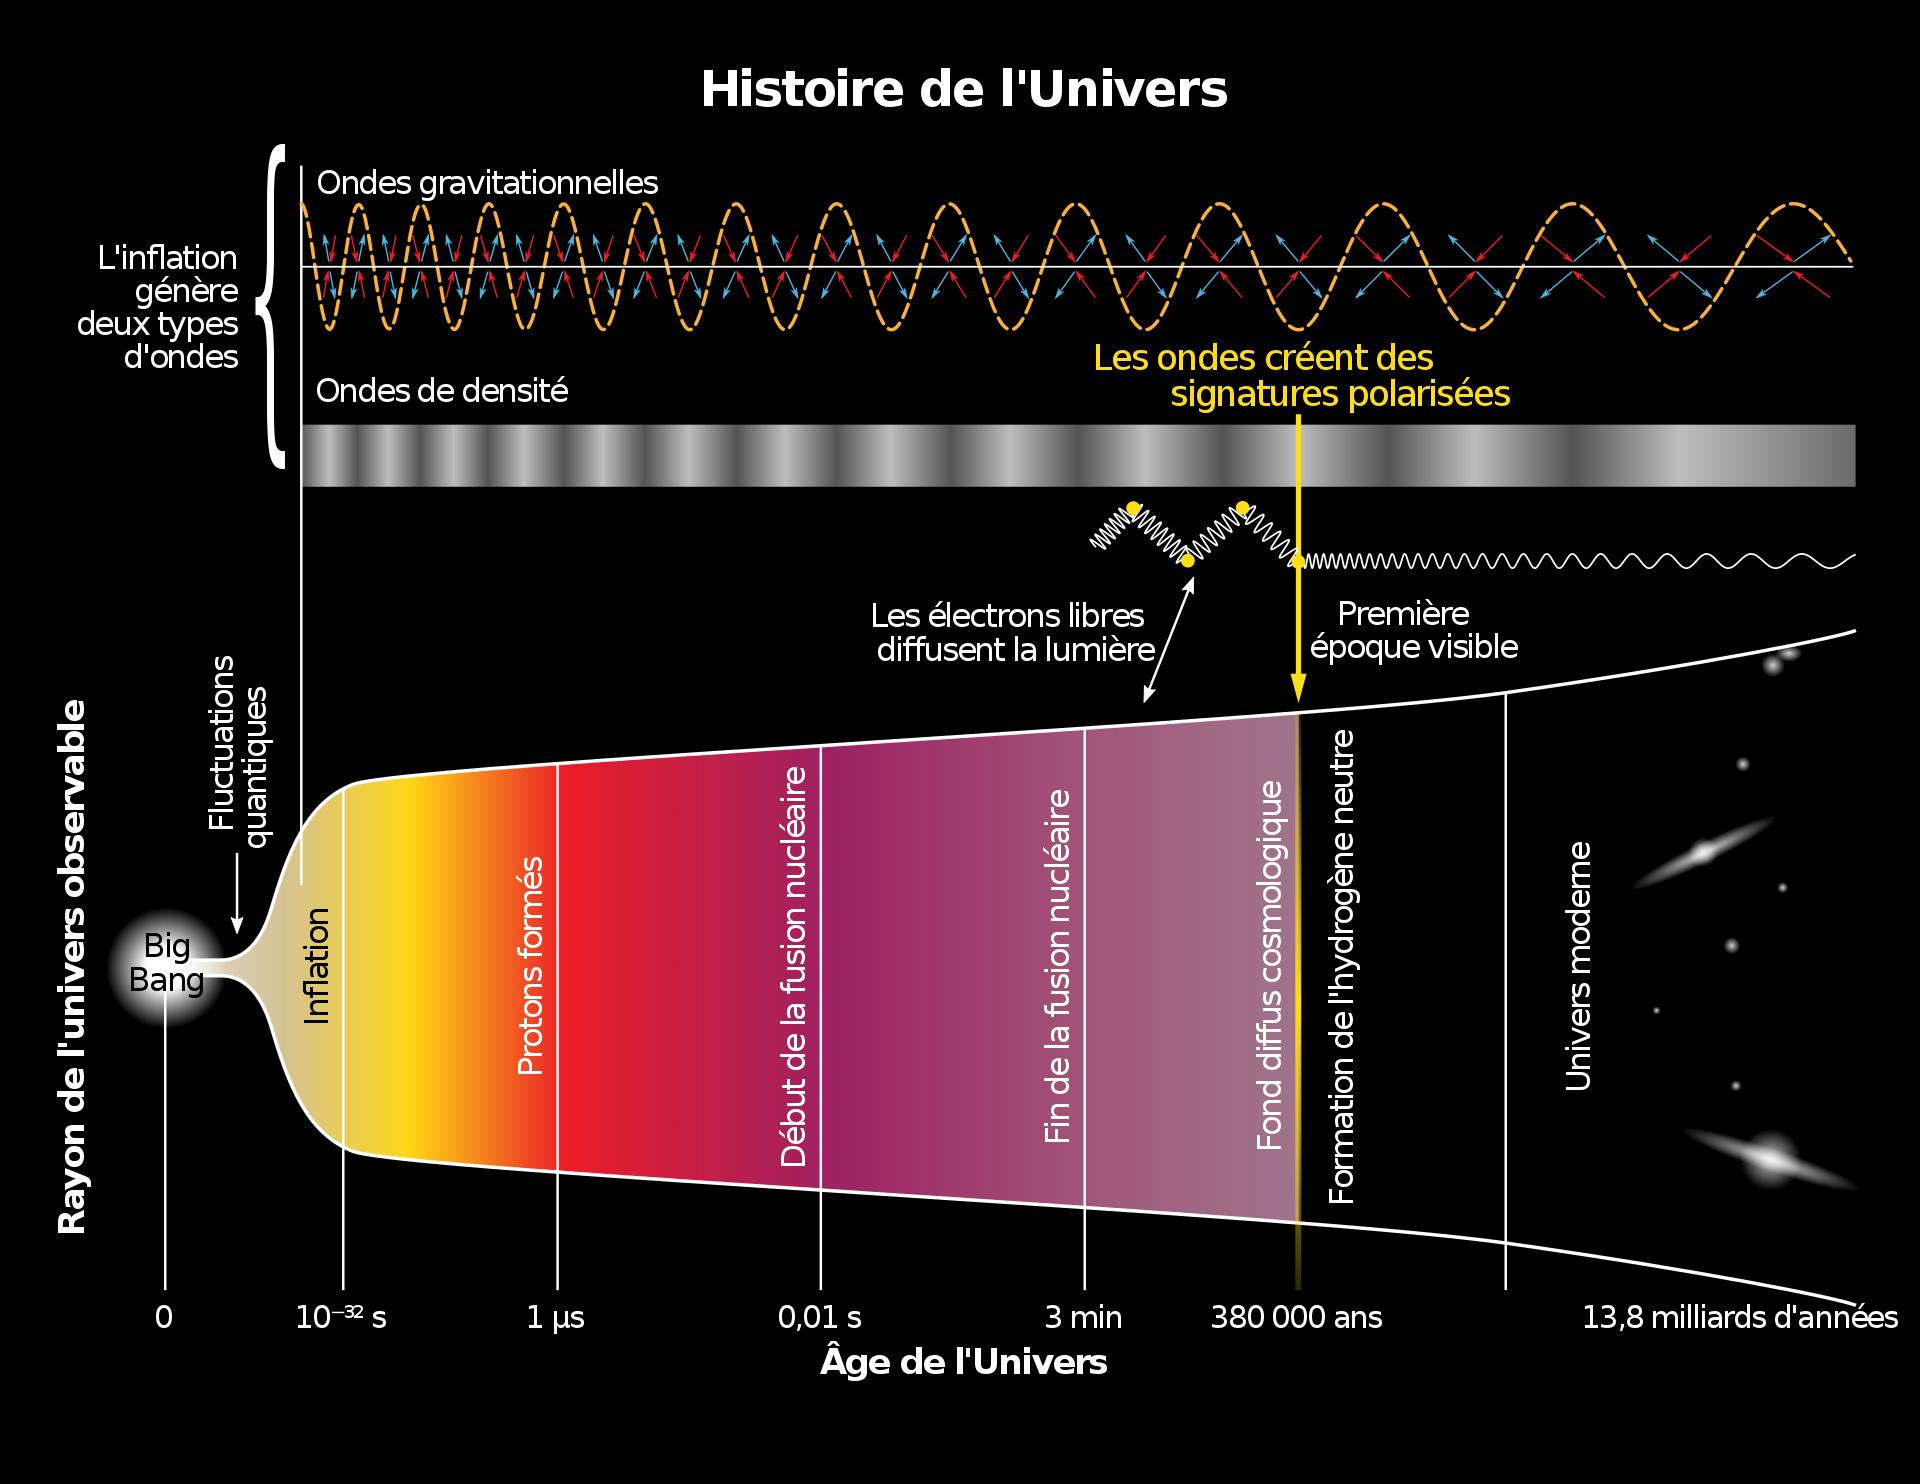 Pin Van Olivier Gustin Op Origine De L Univers In 2020